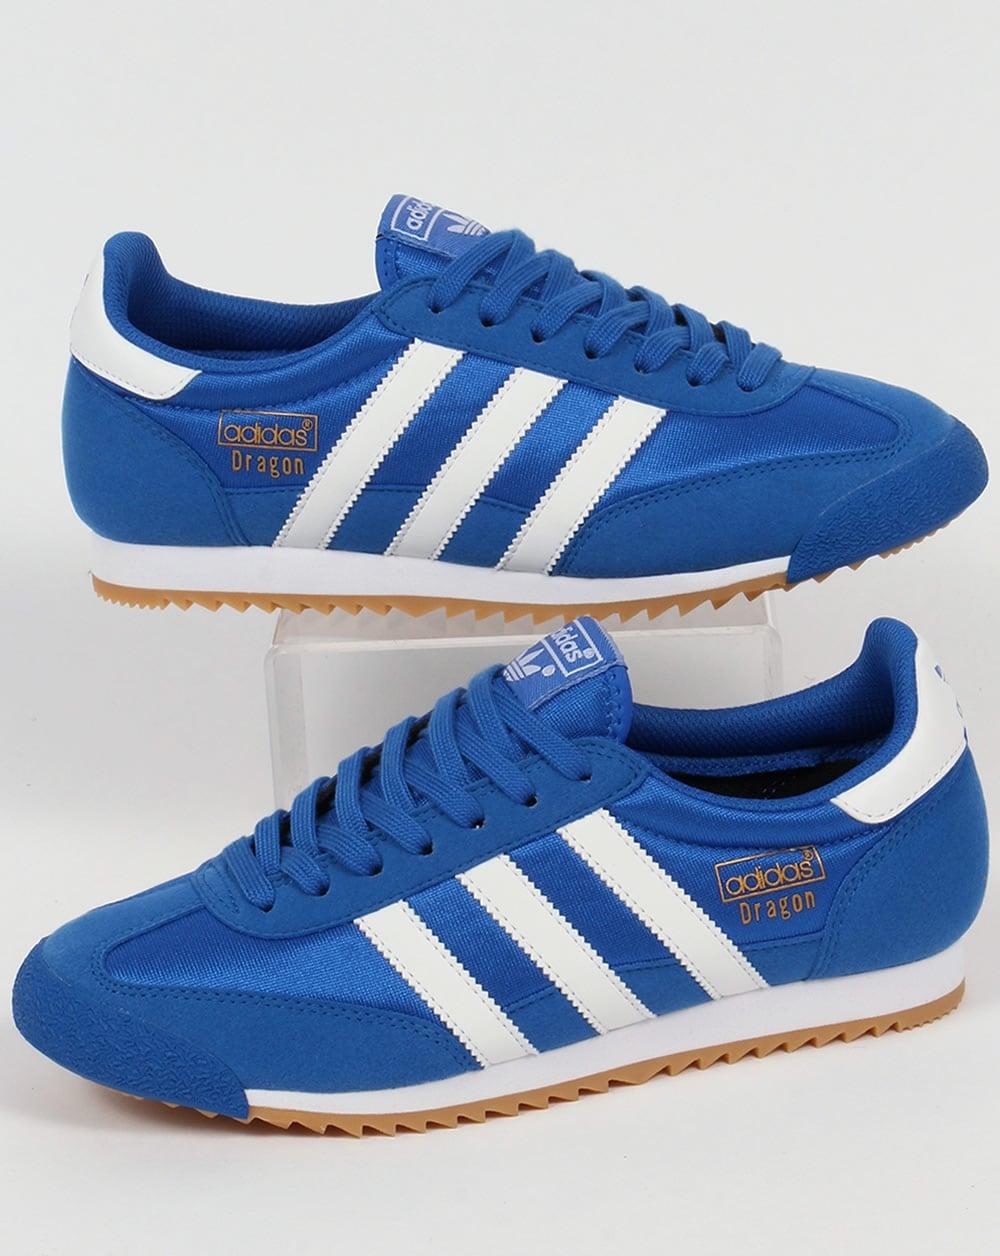 Adidas Stone Roses Shoes